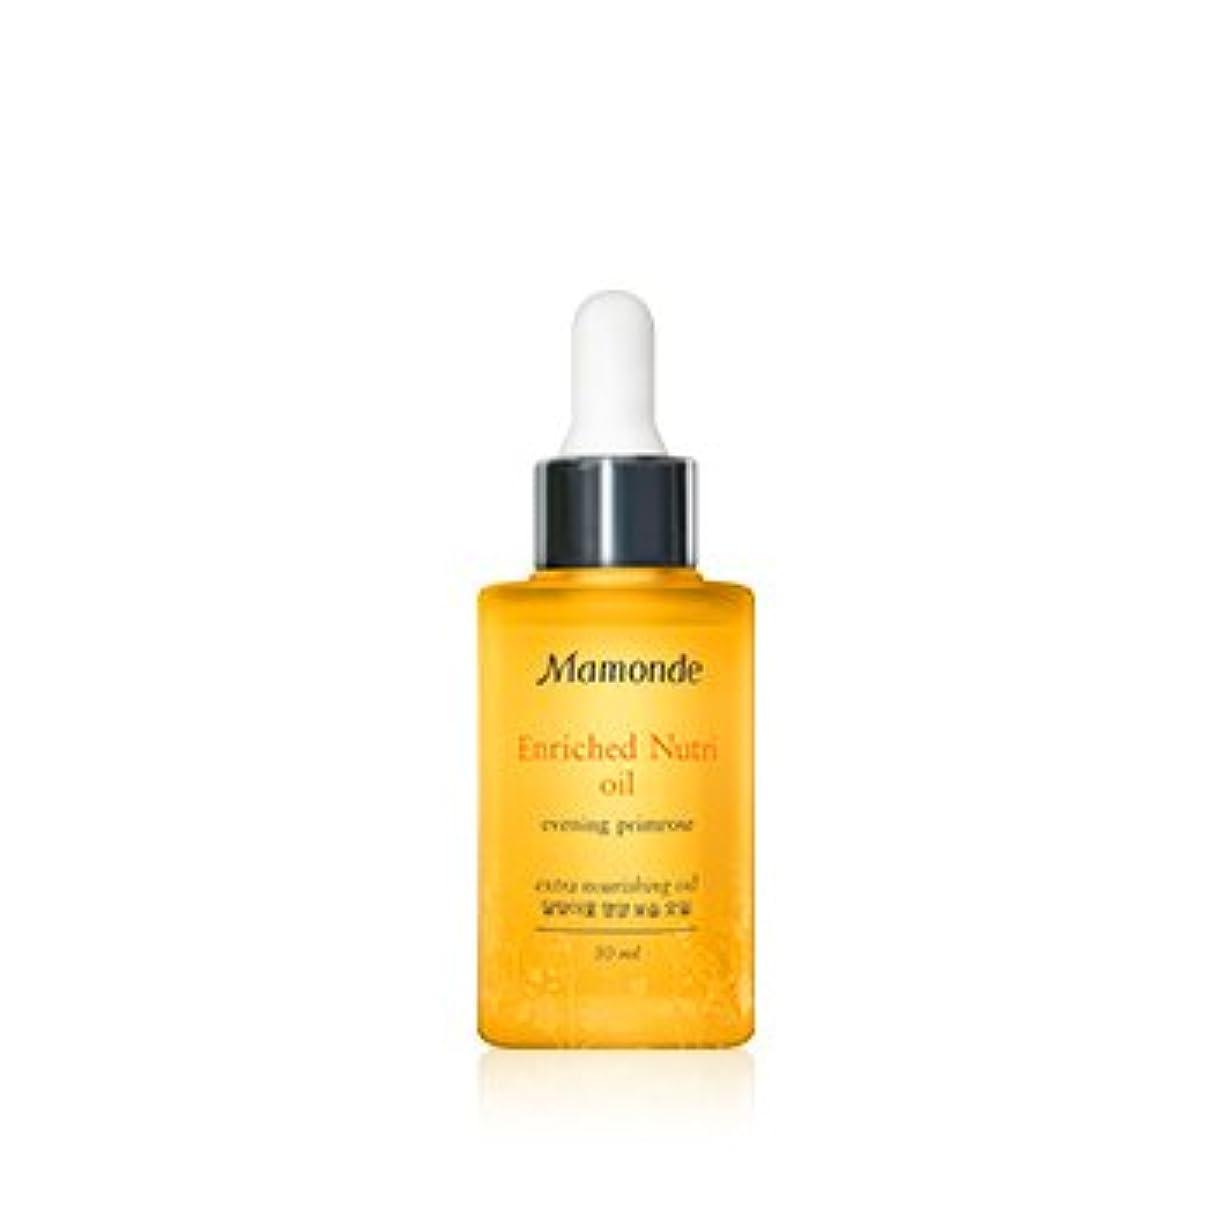 ガウンリムブルーム[New] Mamonde Enriched Nutri Oil 30ml/マモンド エンリッチド ニュートリ オイル 30ml [並行輸入品]